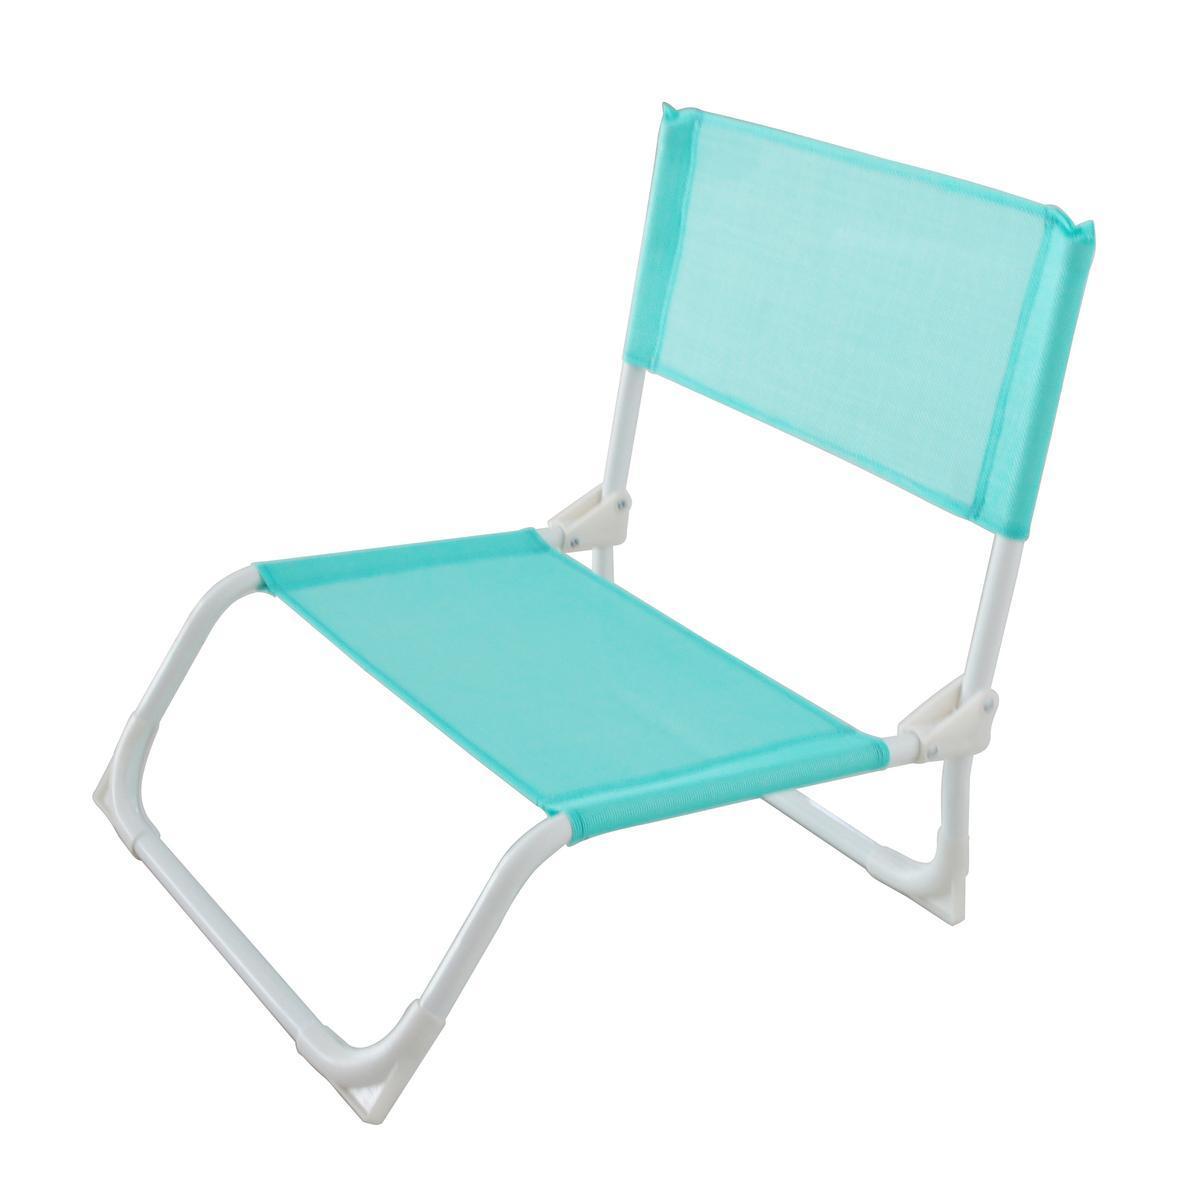 chaise de plage bleu plein air la